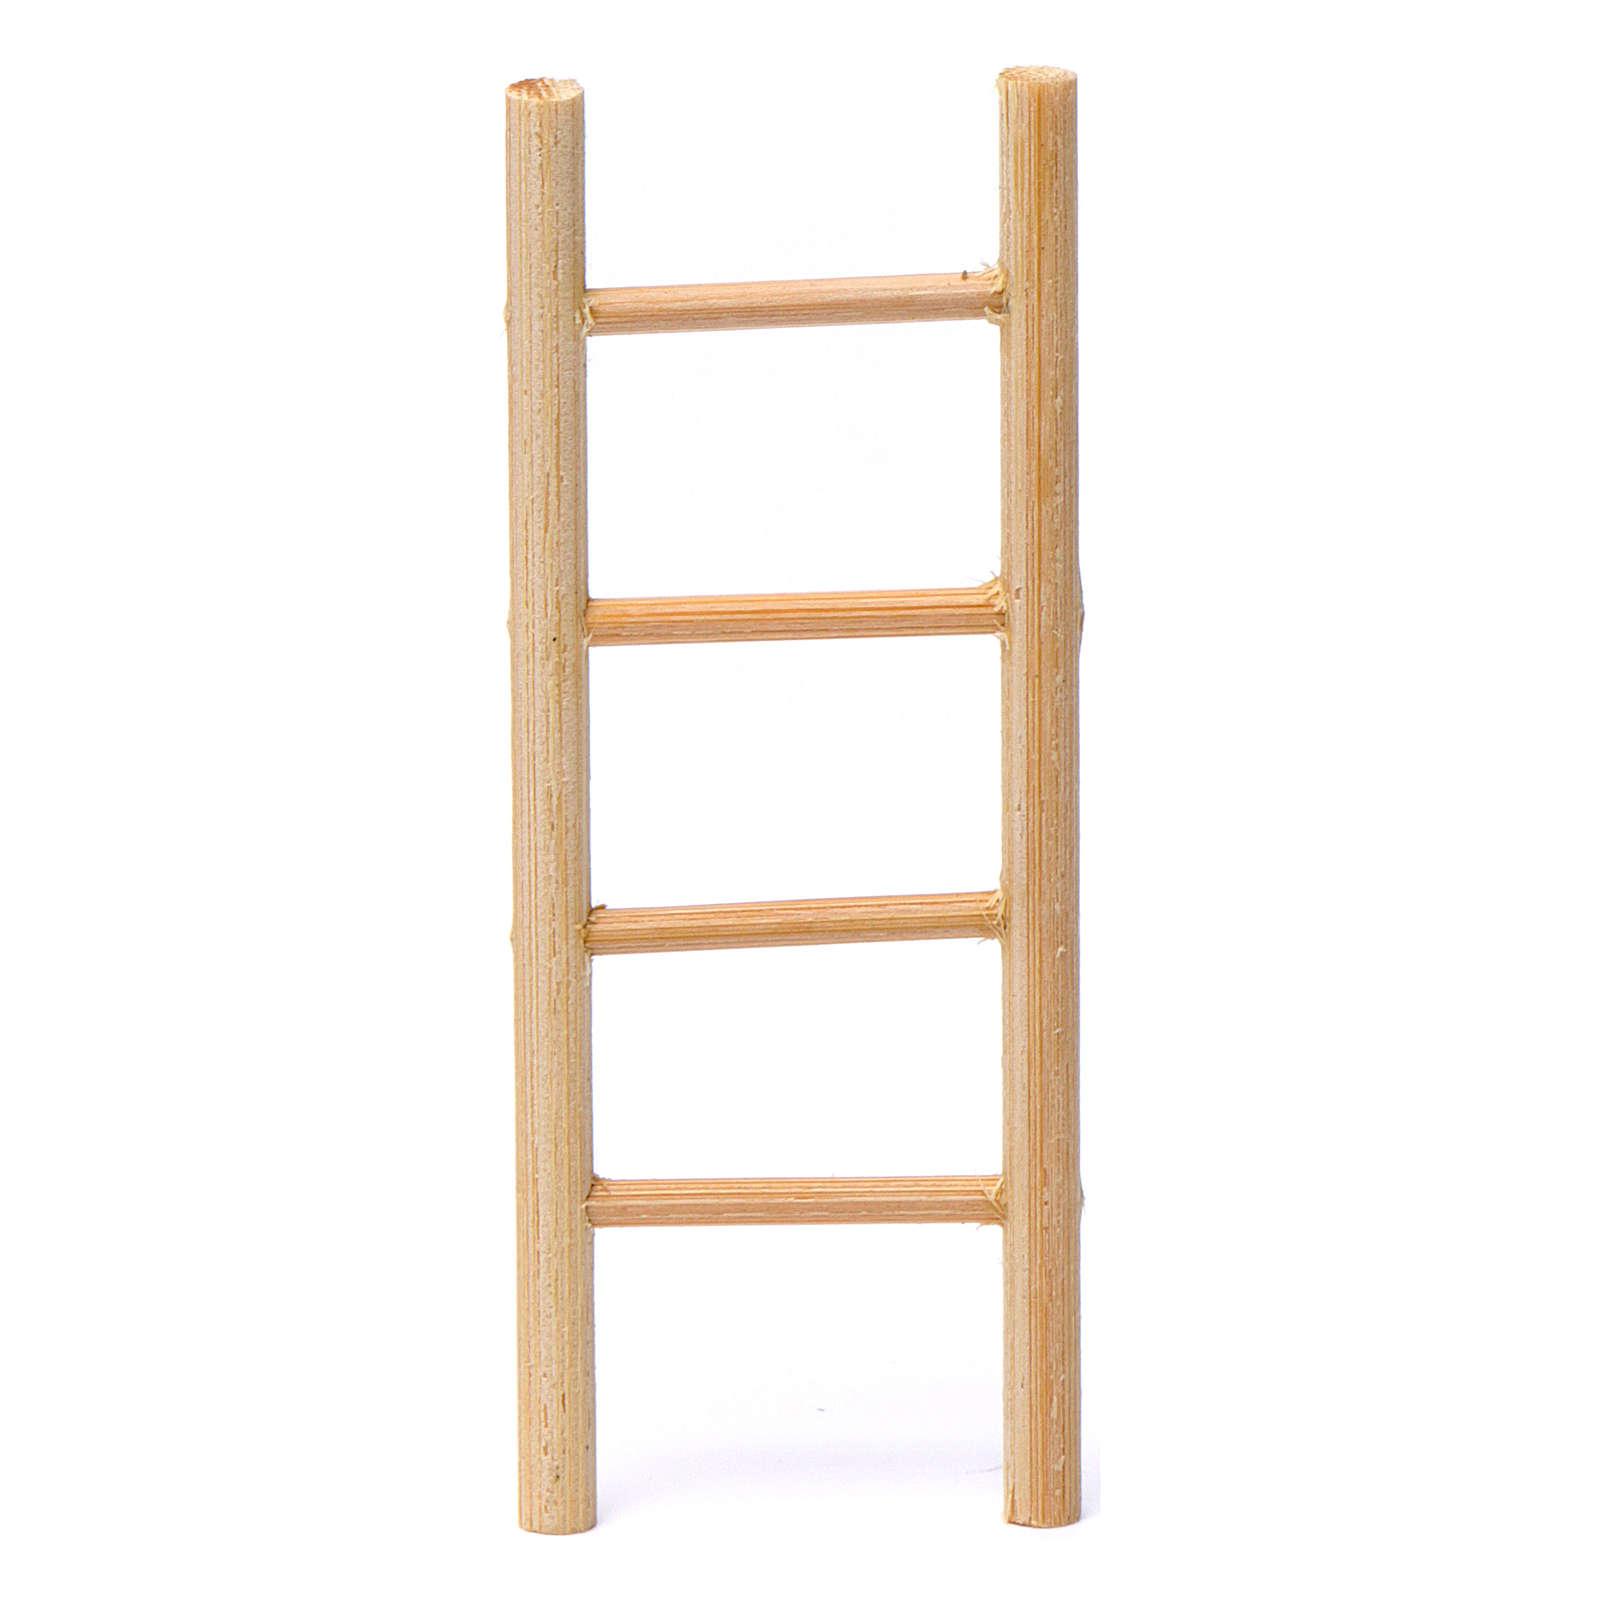 Escalera madera 4 peldaños 10x5 cm para belén 8-9 cm de altura media 4